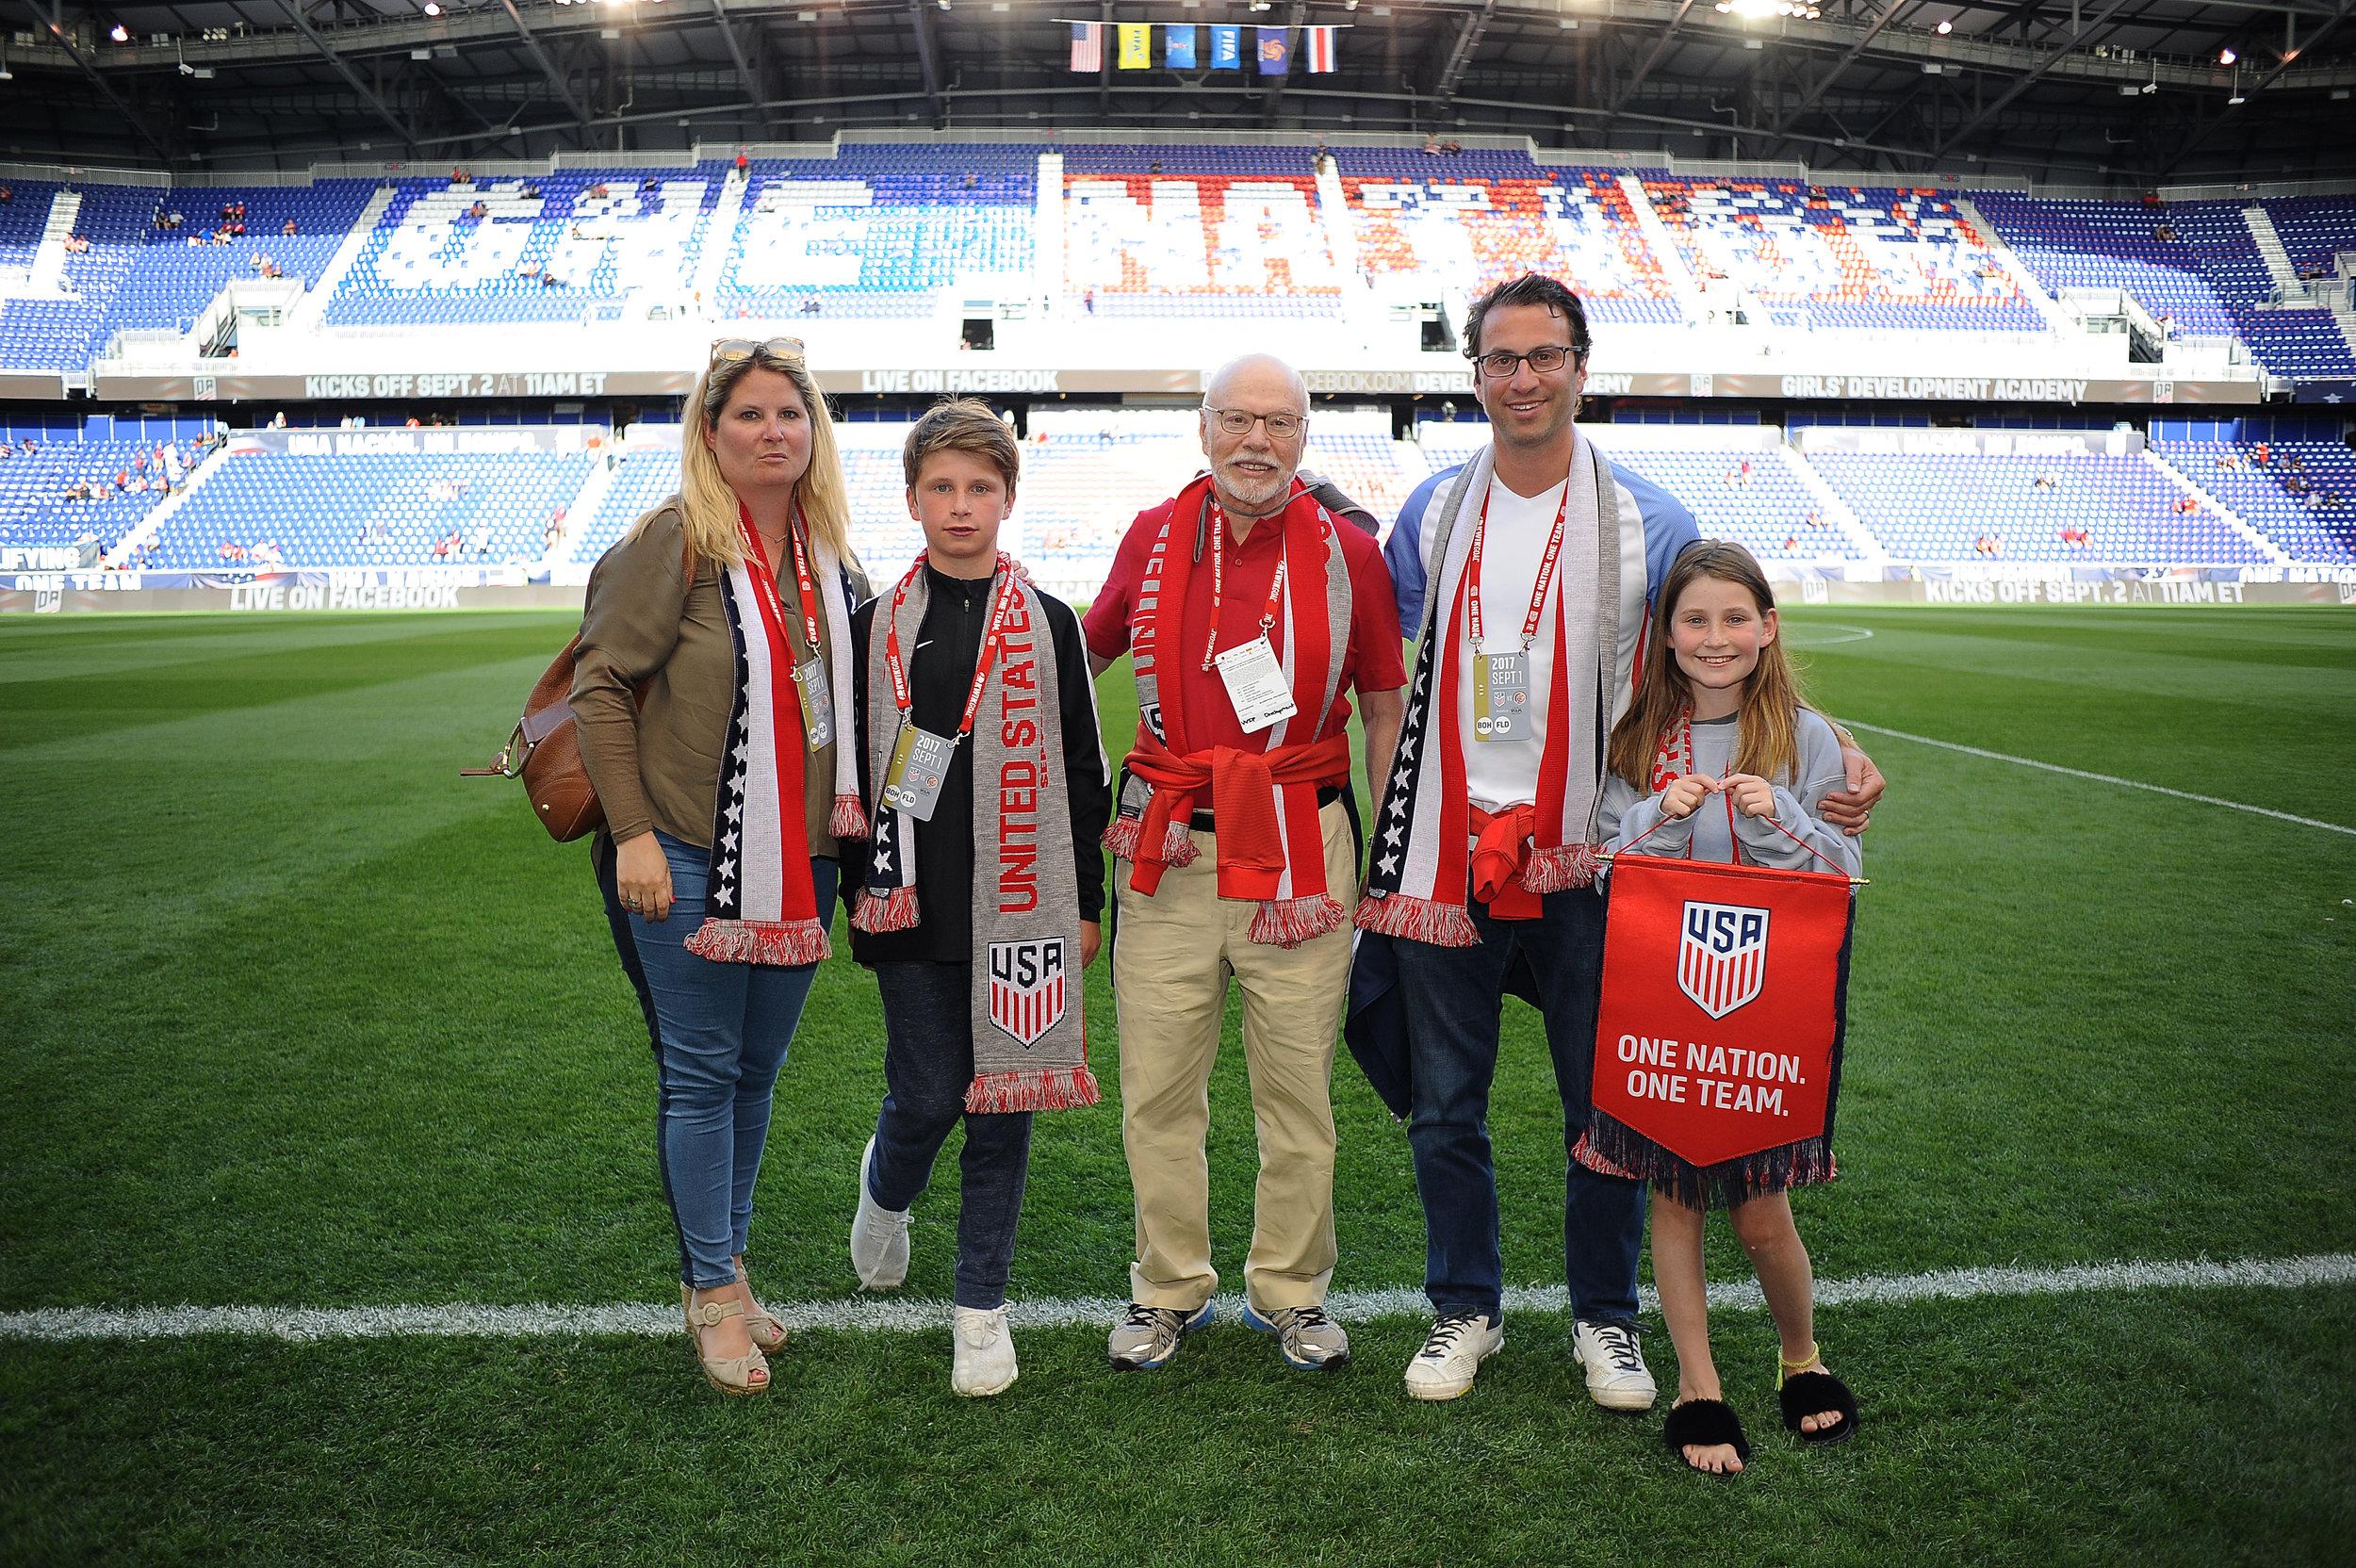 us_soccer_images_013.jpg